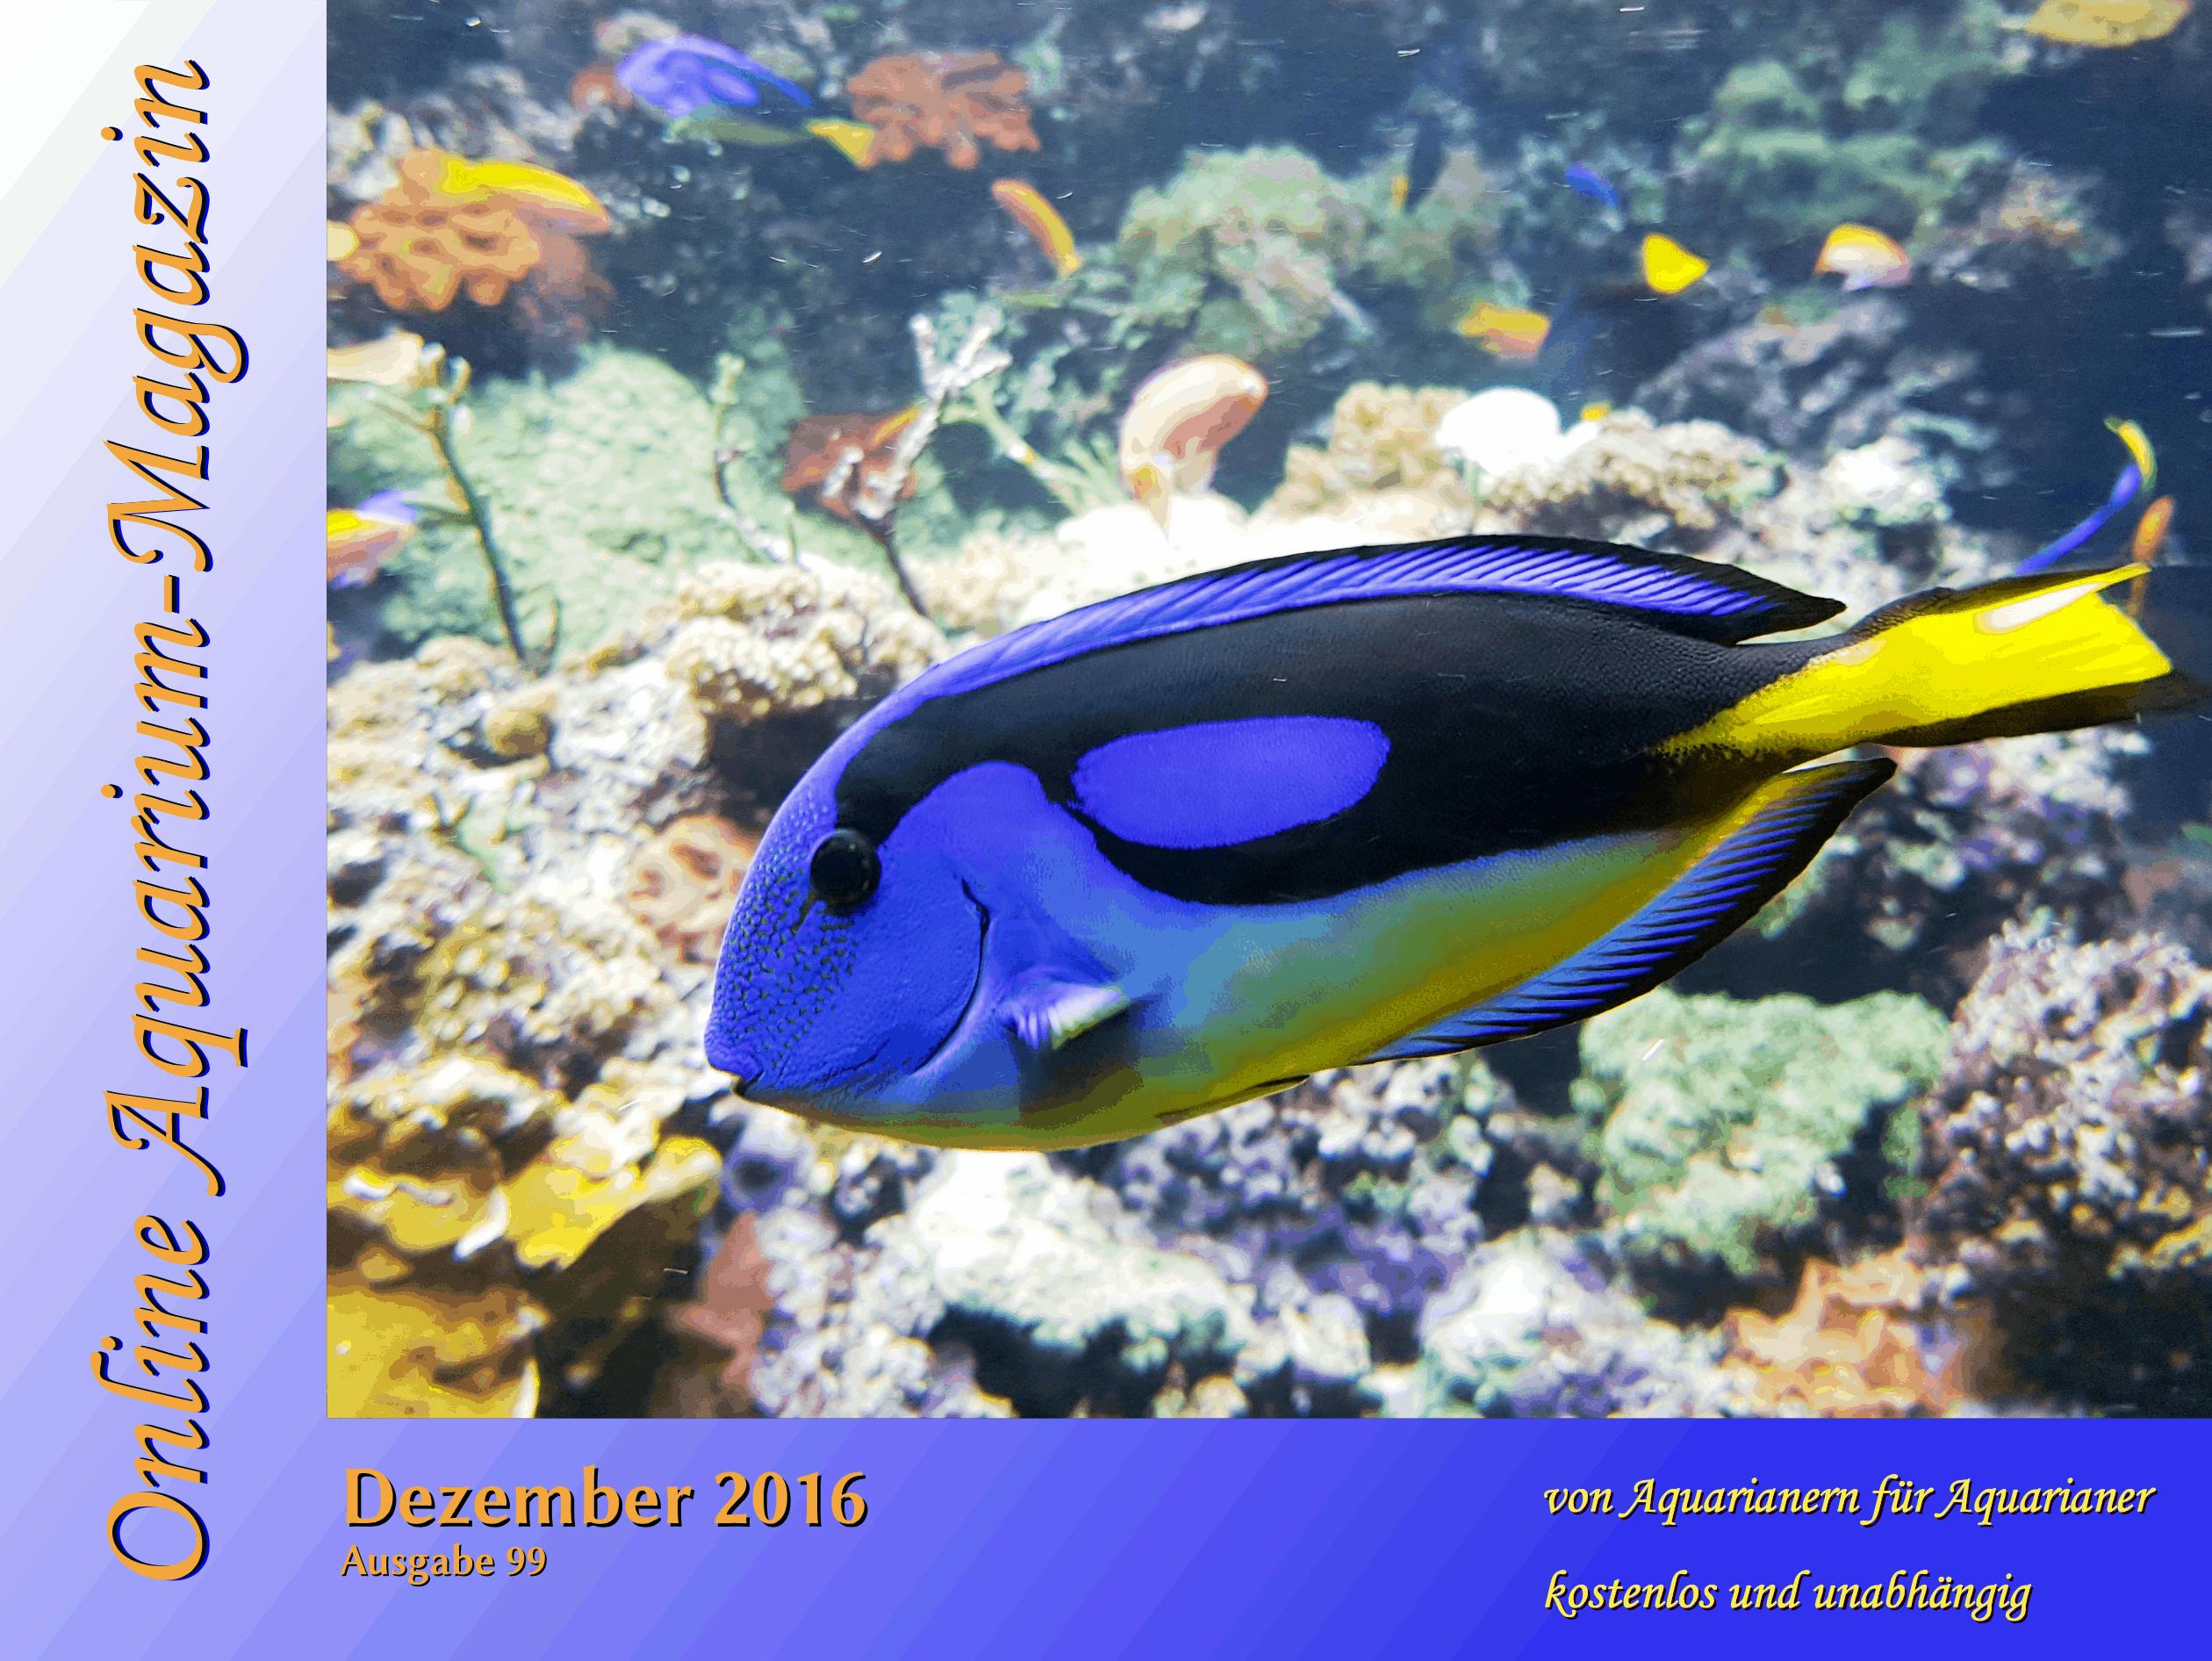 Online Aquarium Magazin Dezember 2016 erschienen 1